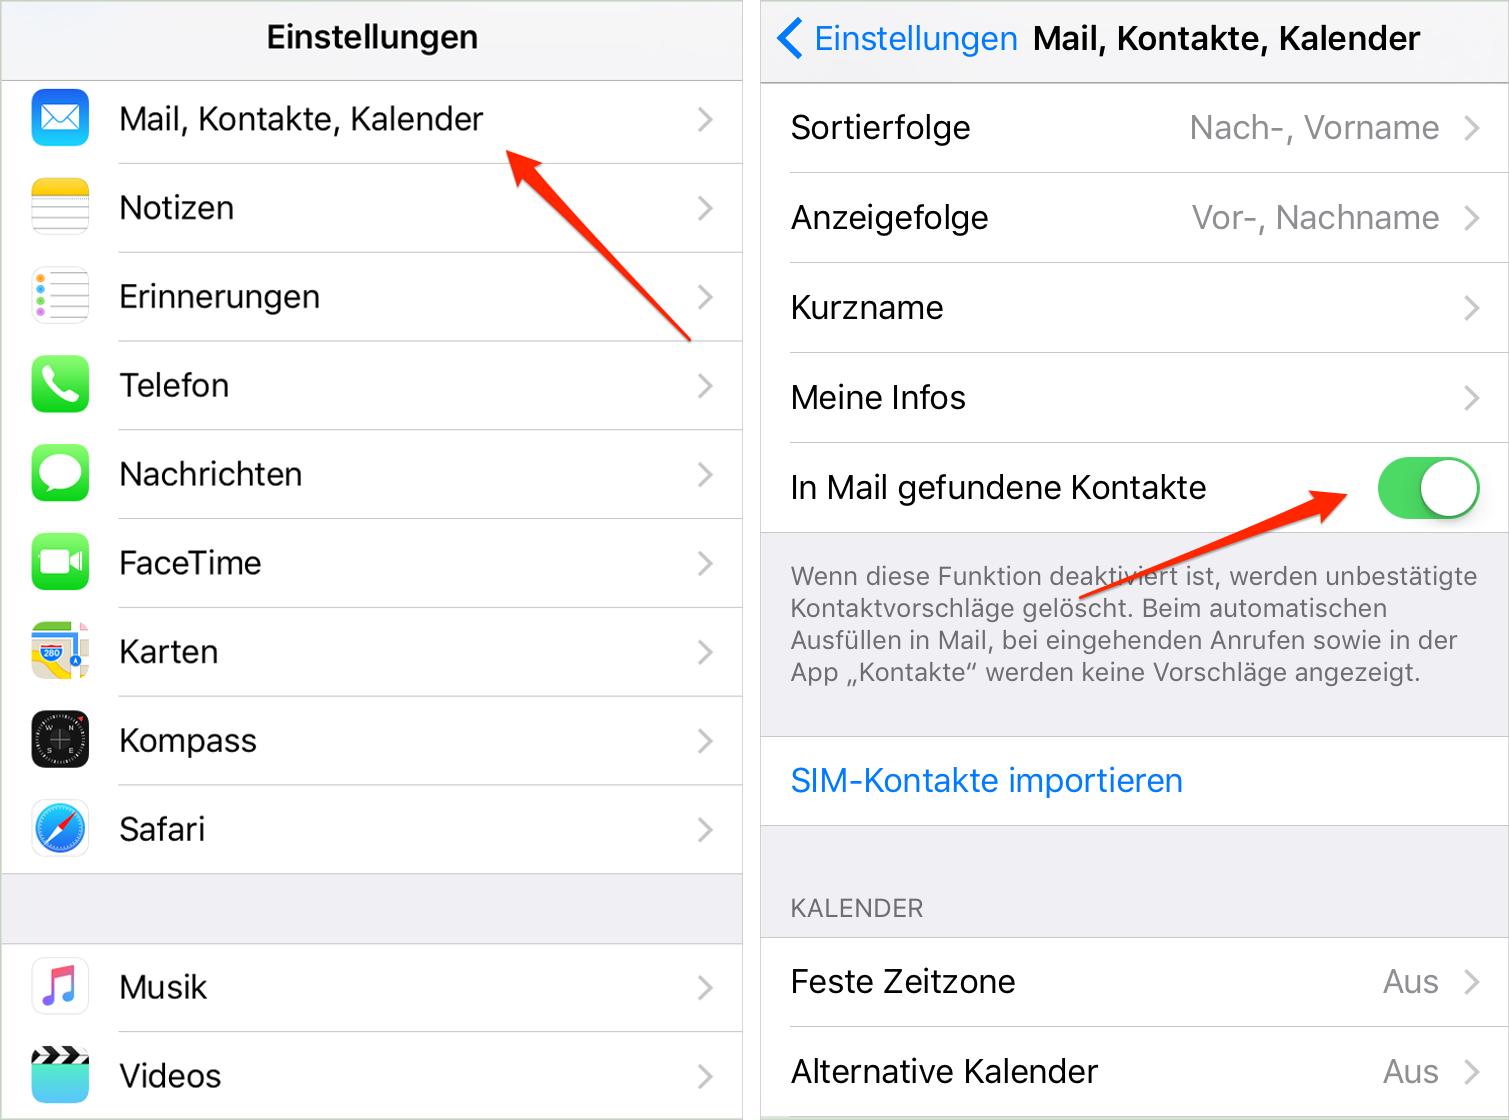 """Die Funktion """"In Mail gefundenen Kontakte"""" deaktivieren"""